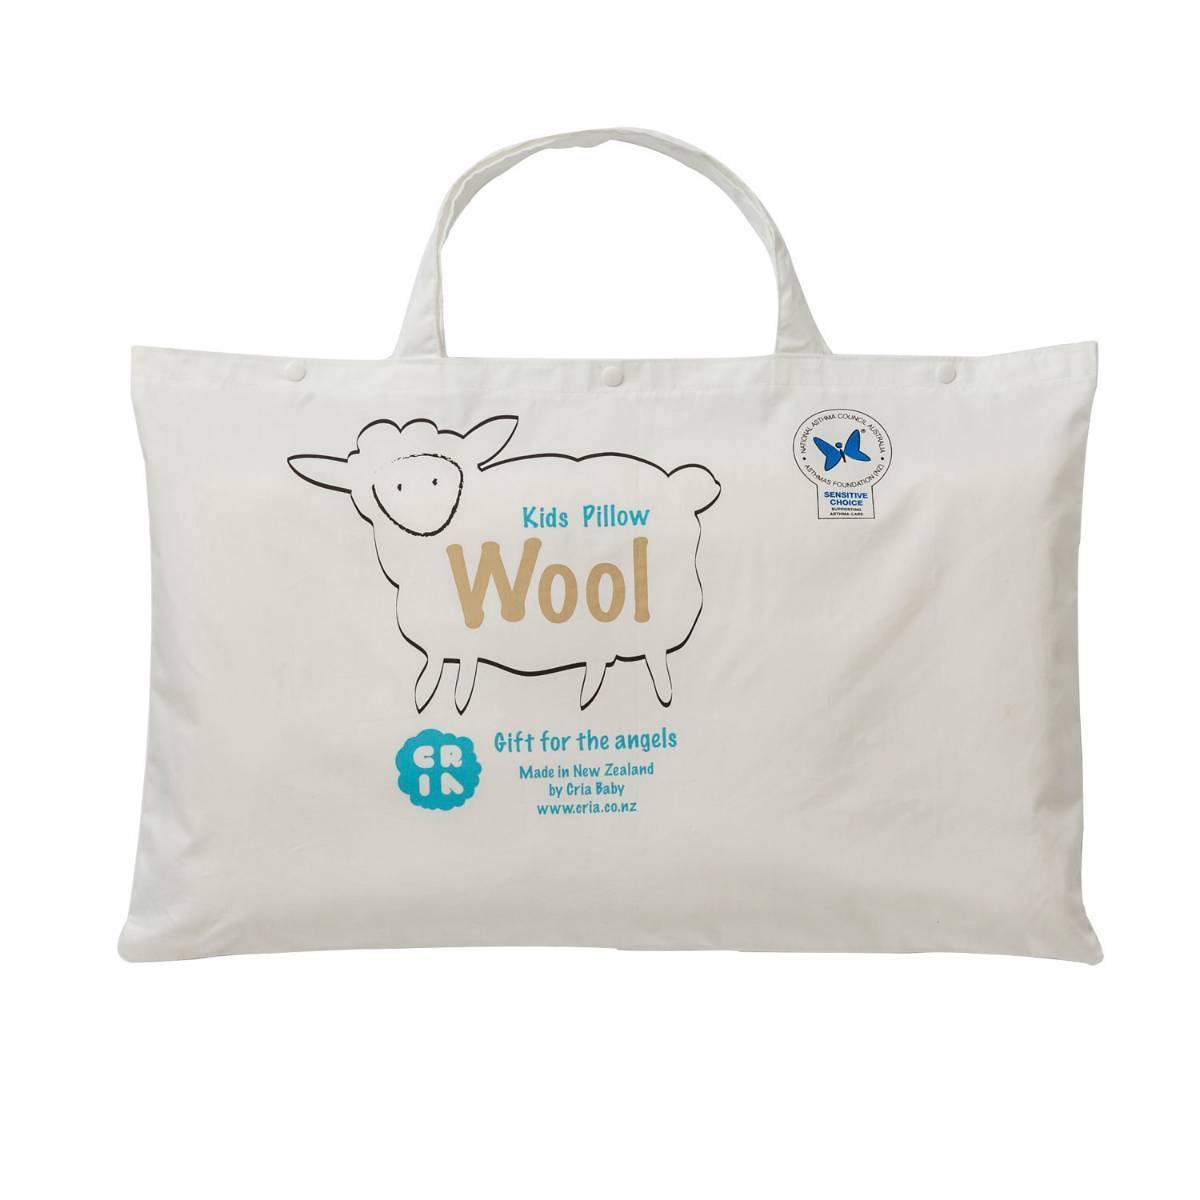 新西兰原产CRIA 纯手工透气儿童羊毛枕